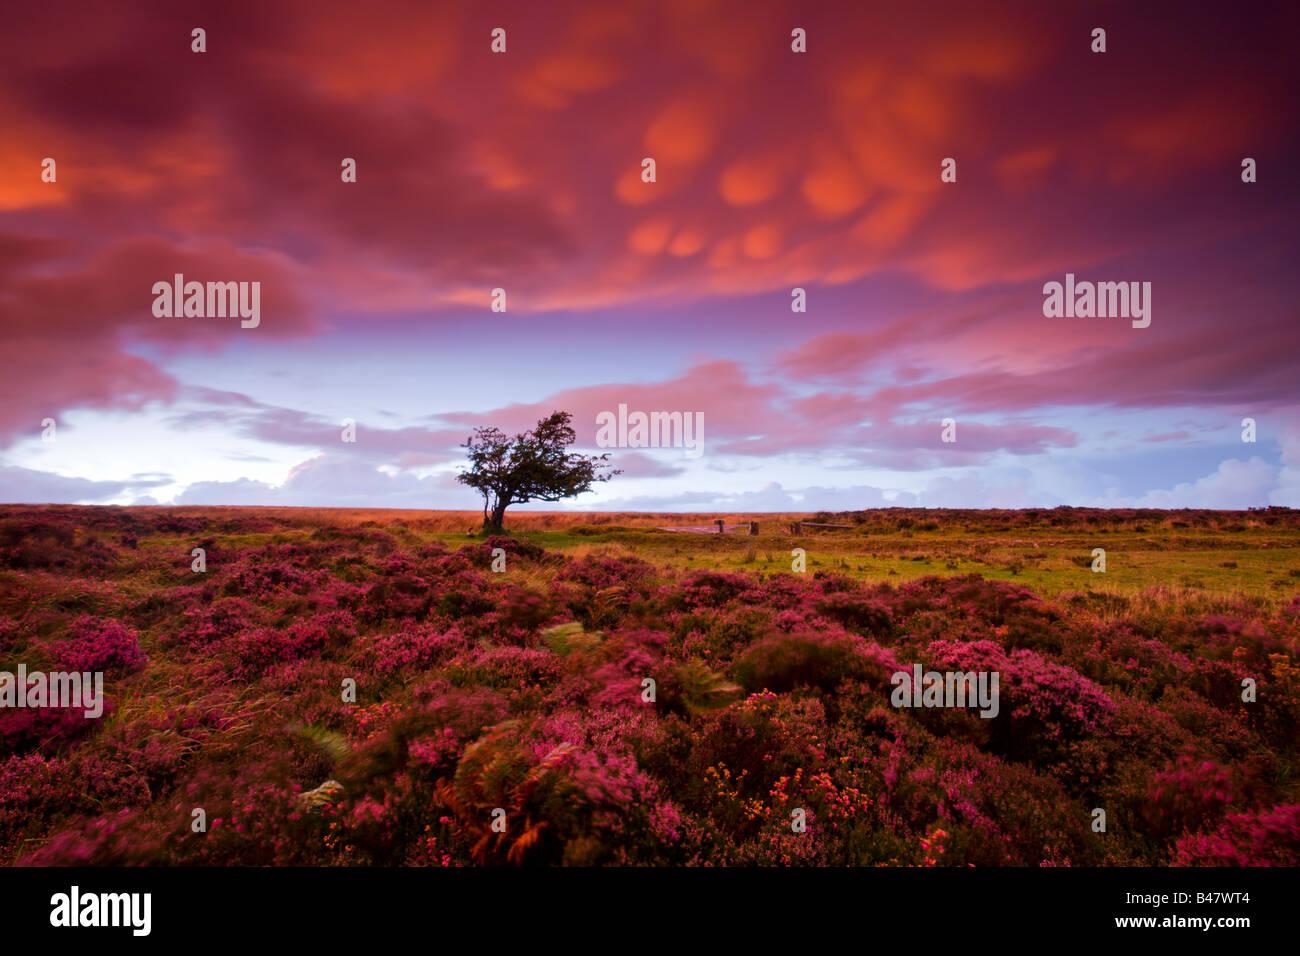 Tempestoso tramonto del heather tappezzate Dunkery Collina Parco Nazionale di Exmoor Somerset Inghilterra Immagini Stock